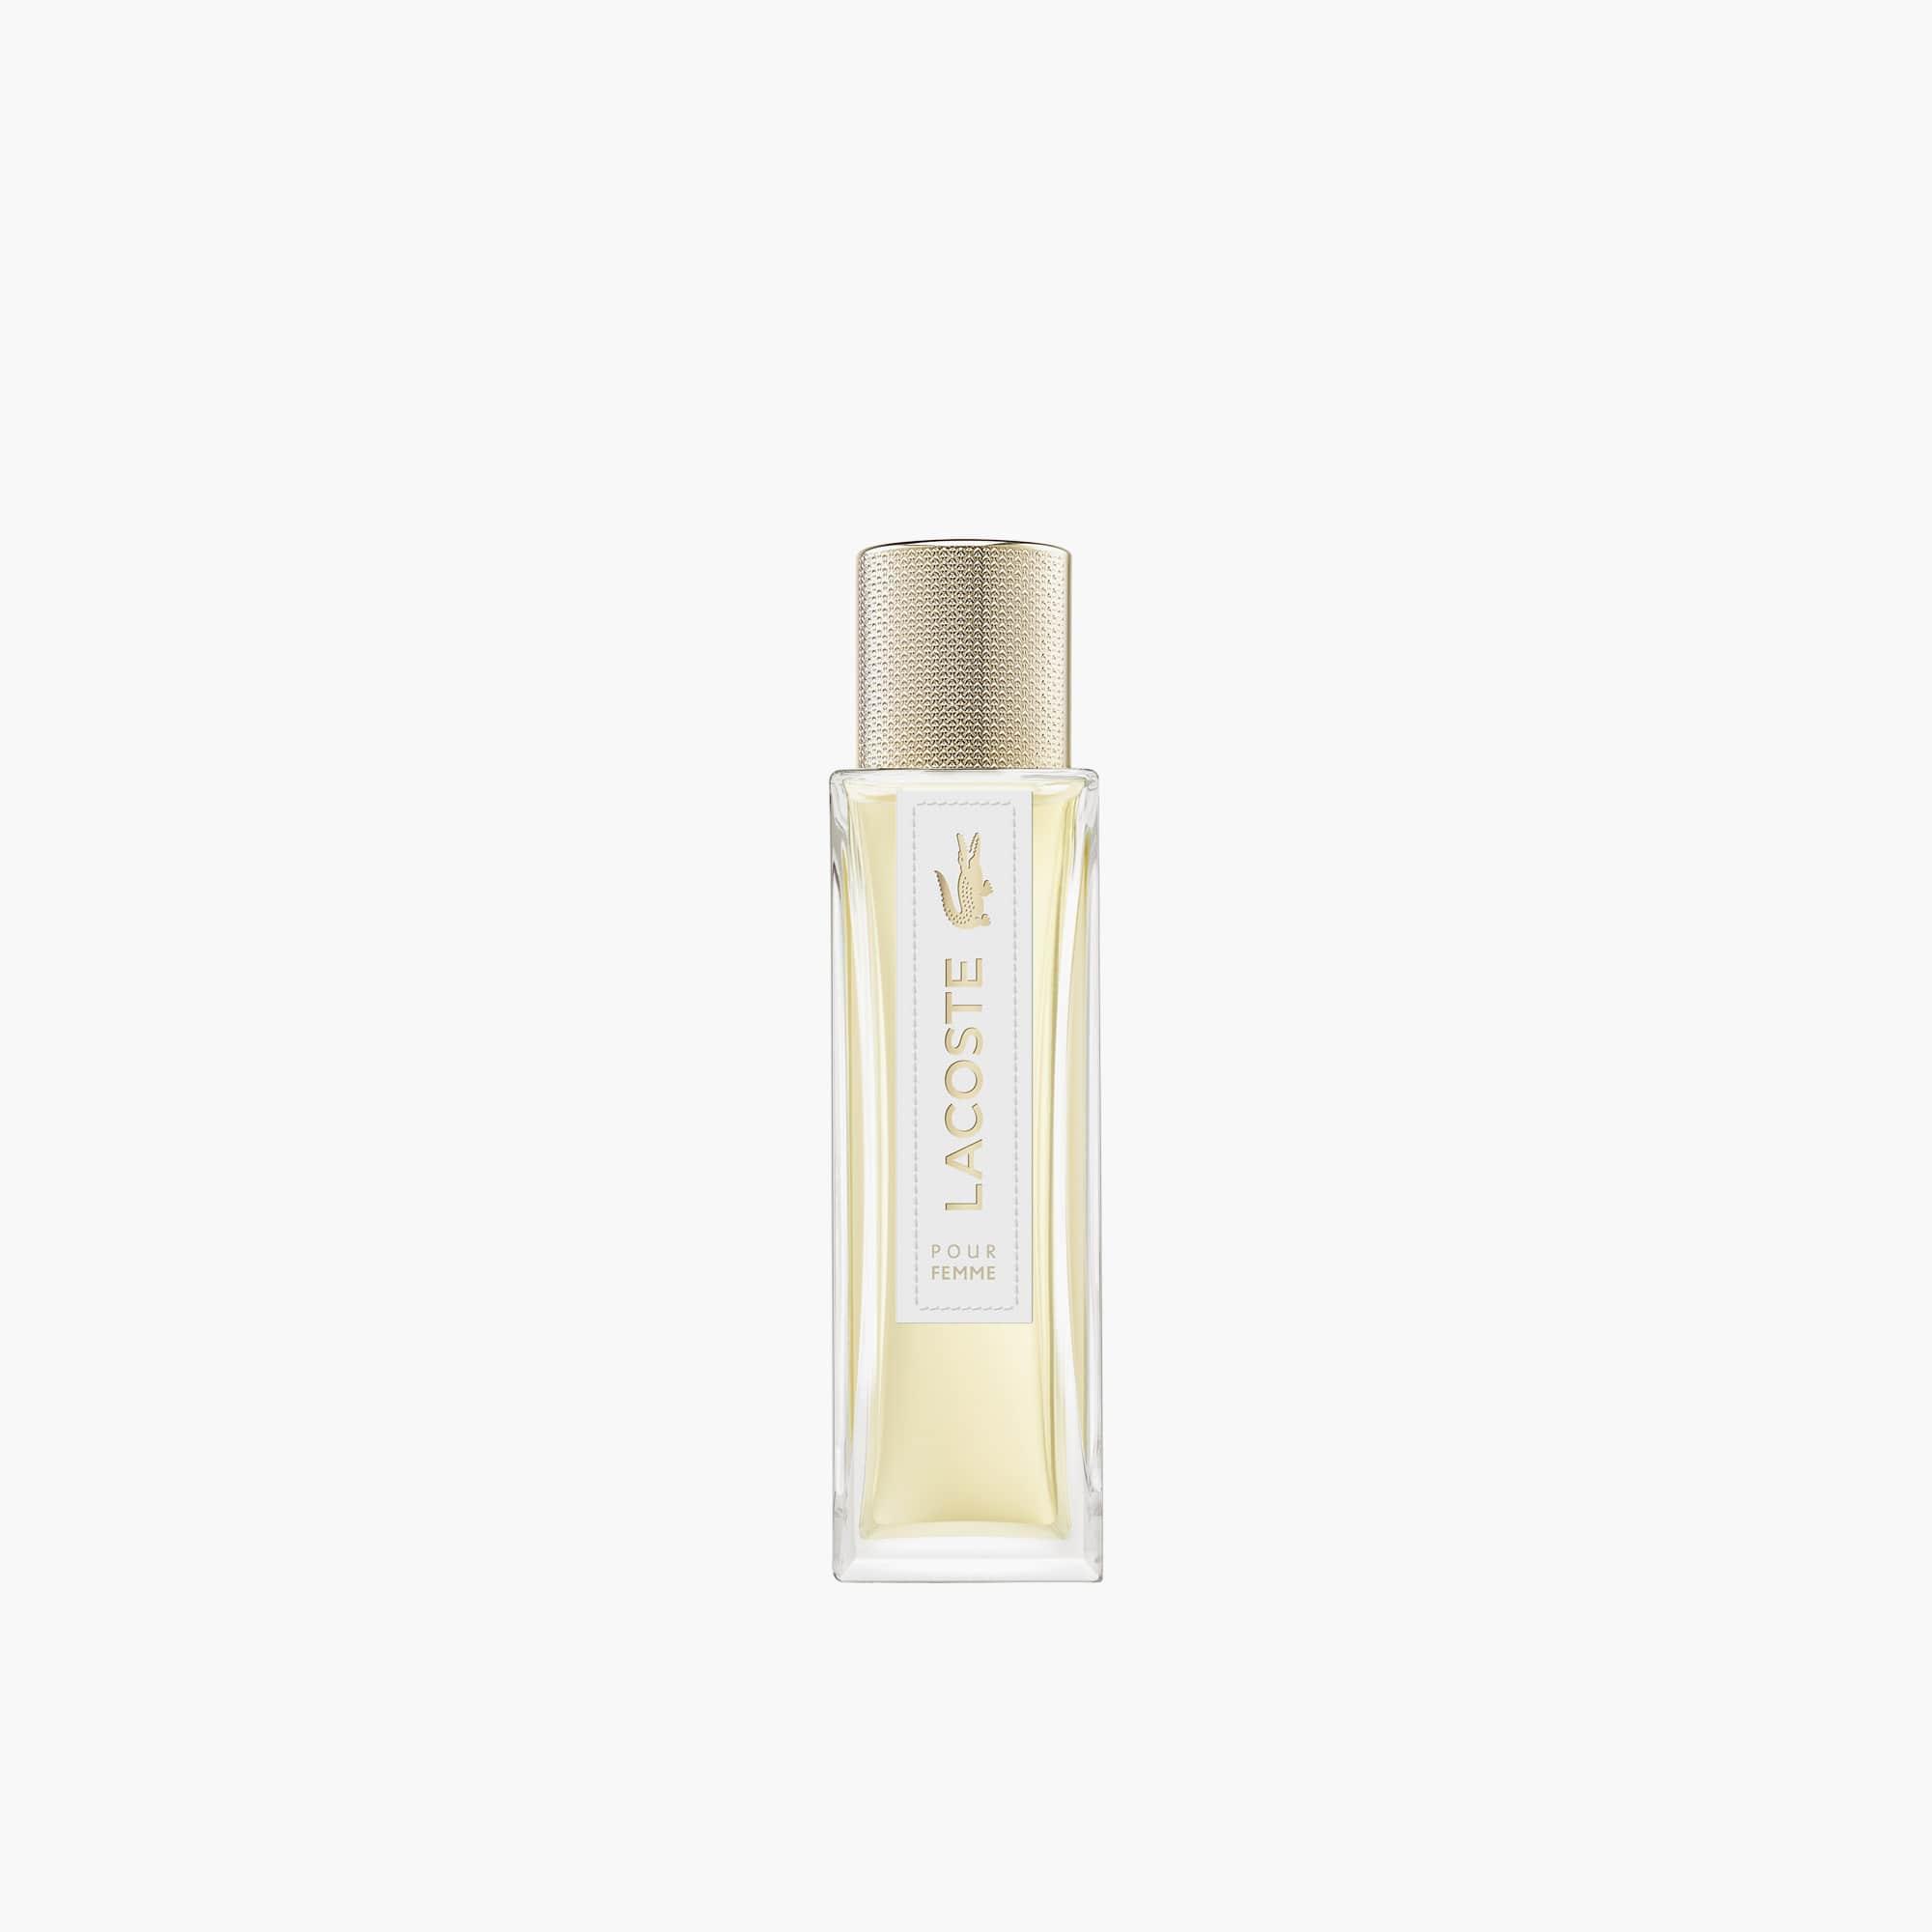 44052d7762 Lacoste Pour Femme Eau de Parfum Légère 50ml